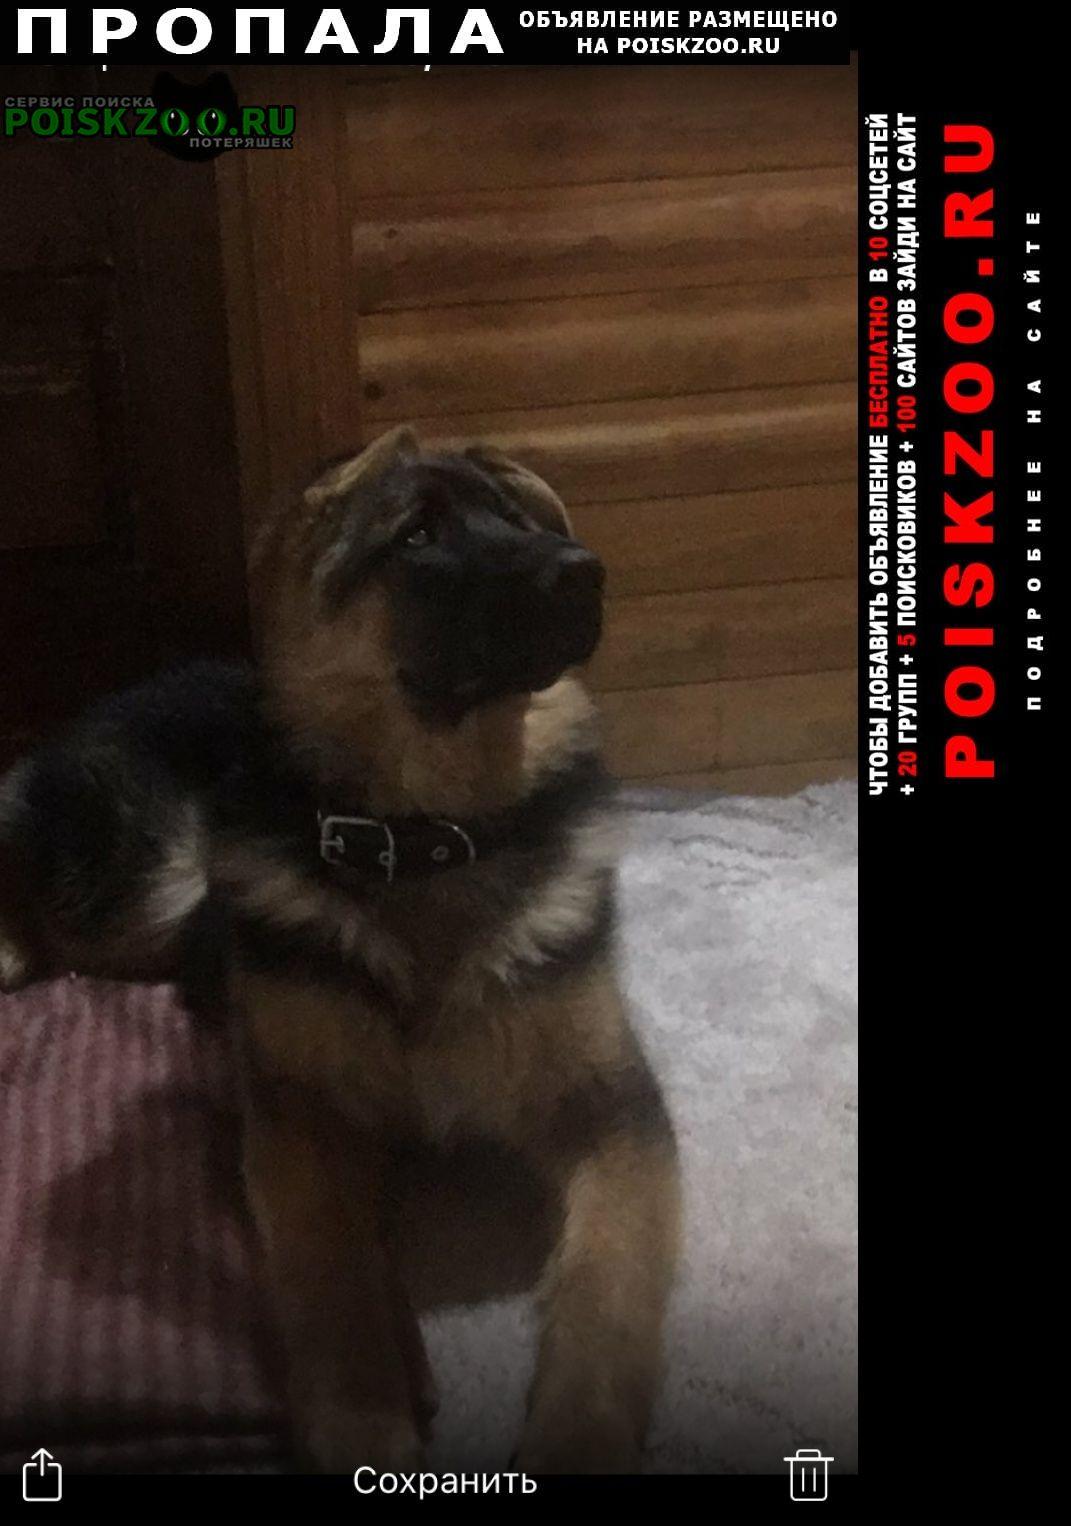 Пропала собака Нижневартовск